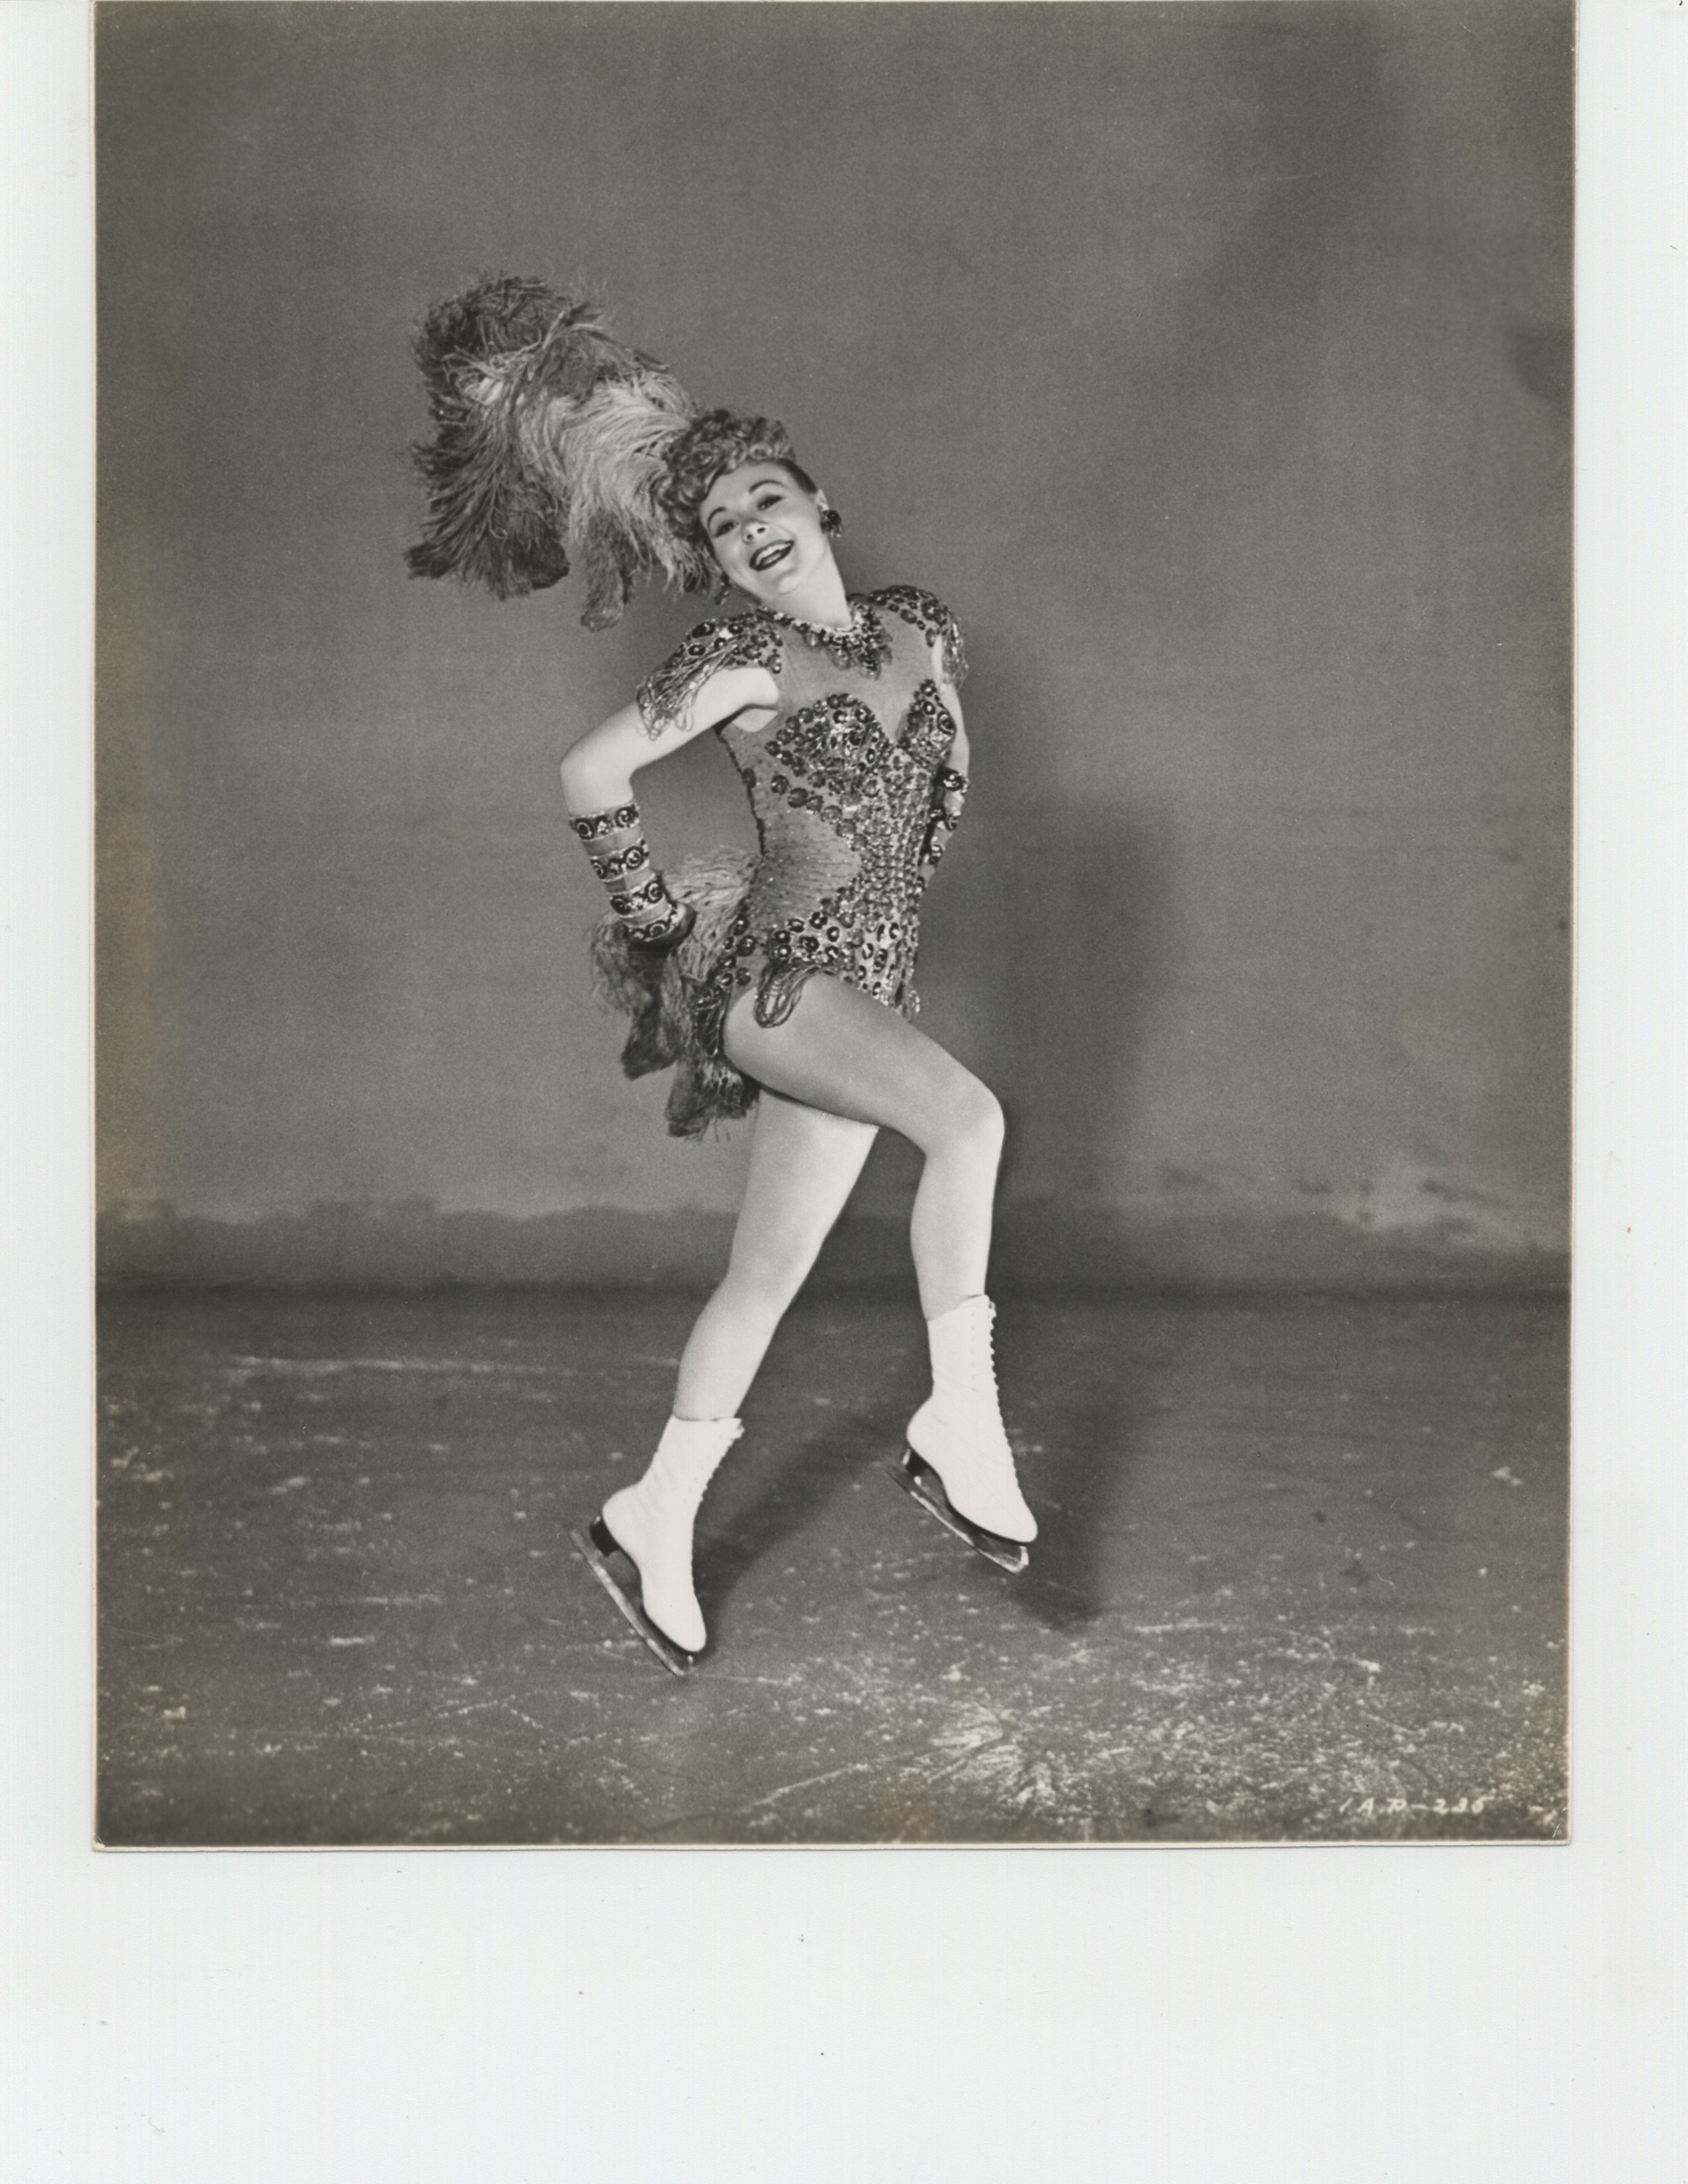 Sonja Henie in It's a Pleasure (1945)